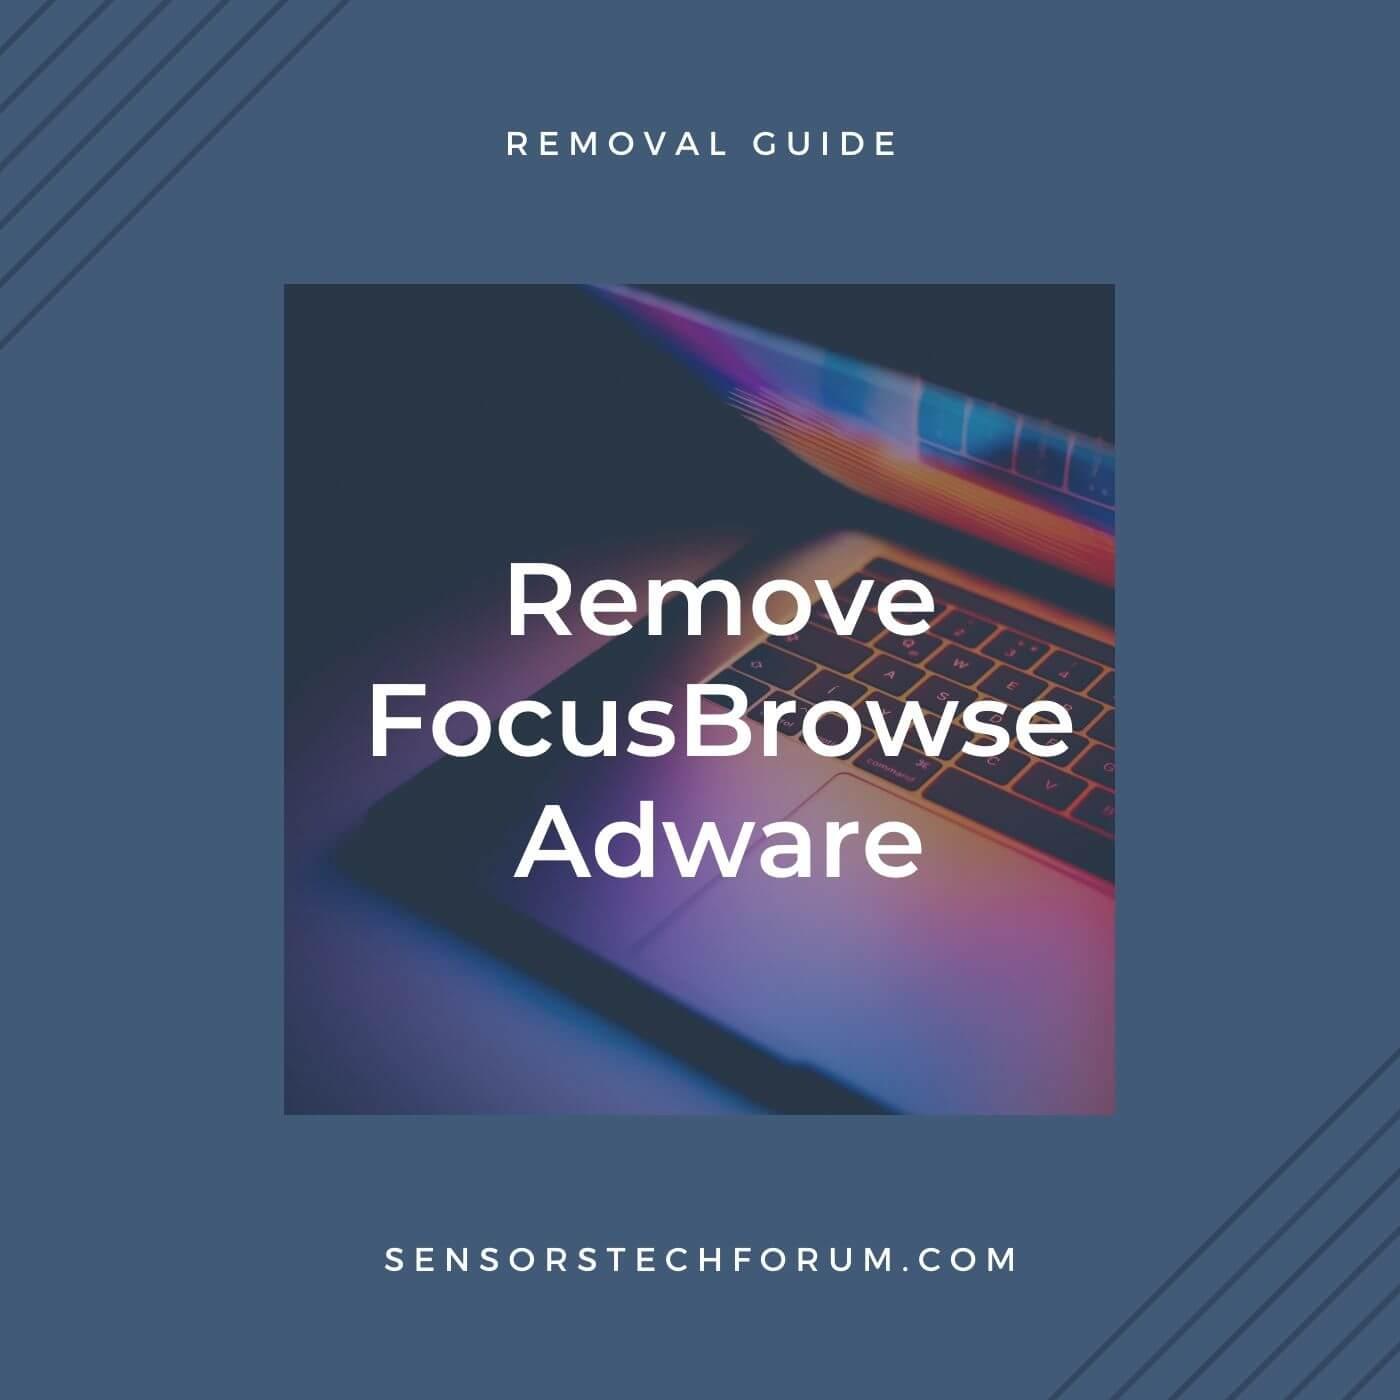 Entfernen FocusBrowse Adware auf Mac